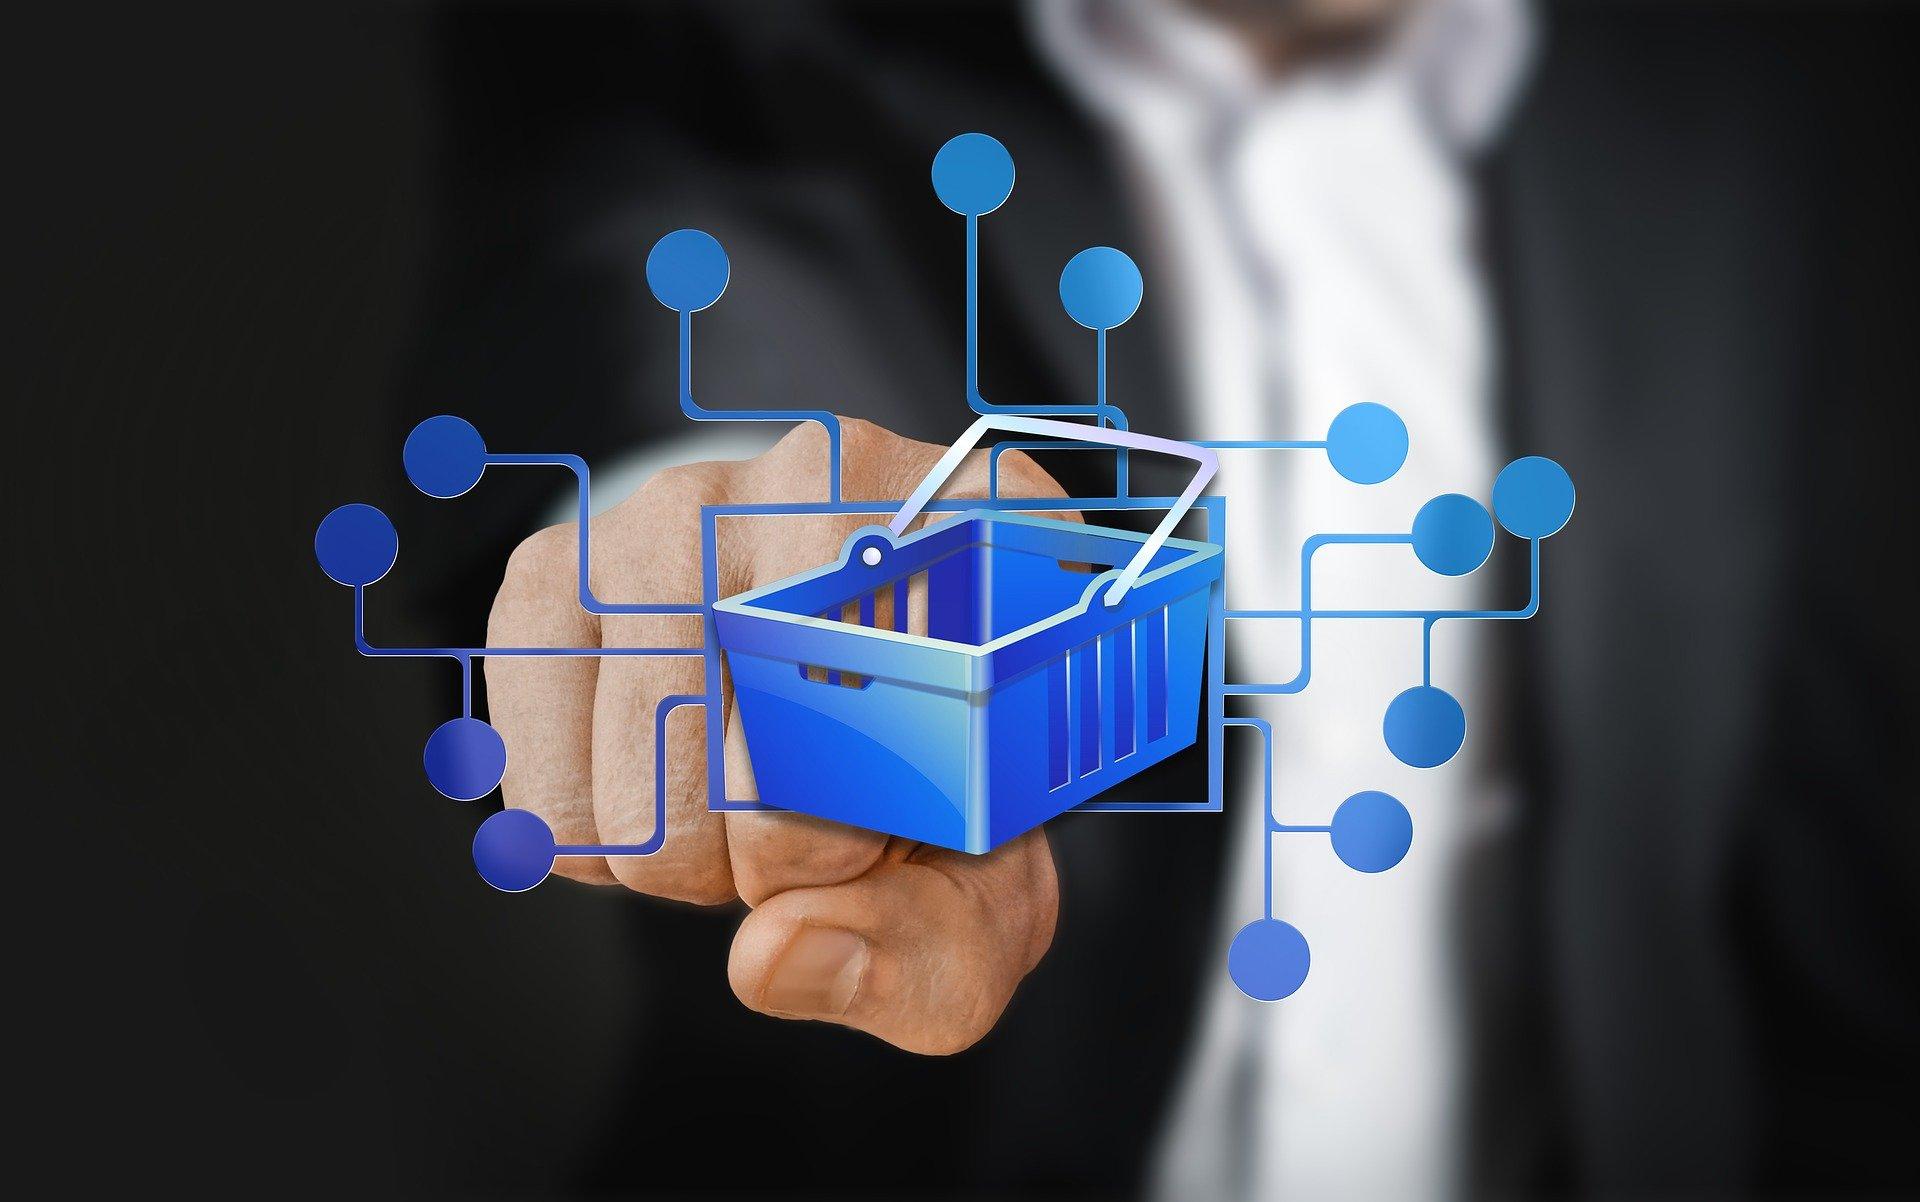 [Presentatie] Hoe kiest u de juiste strategie voor marktplaatsen?